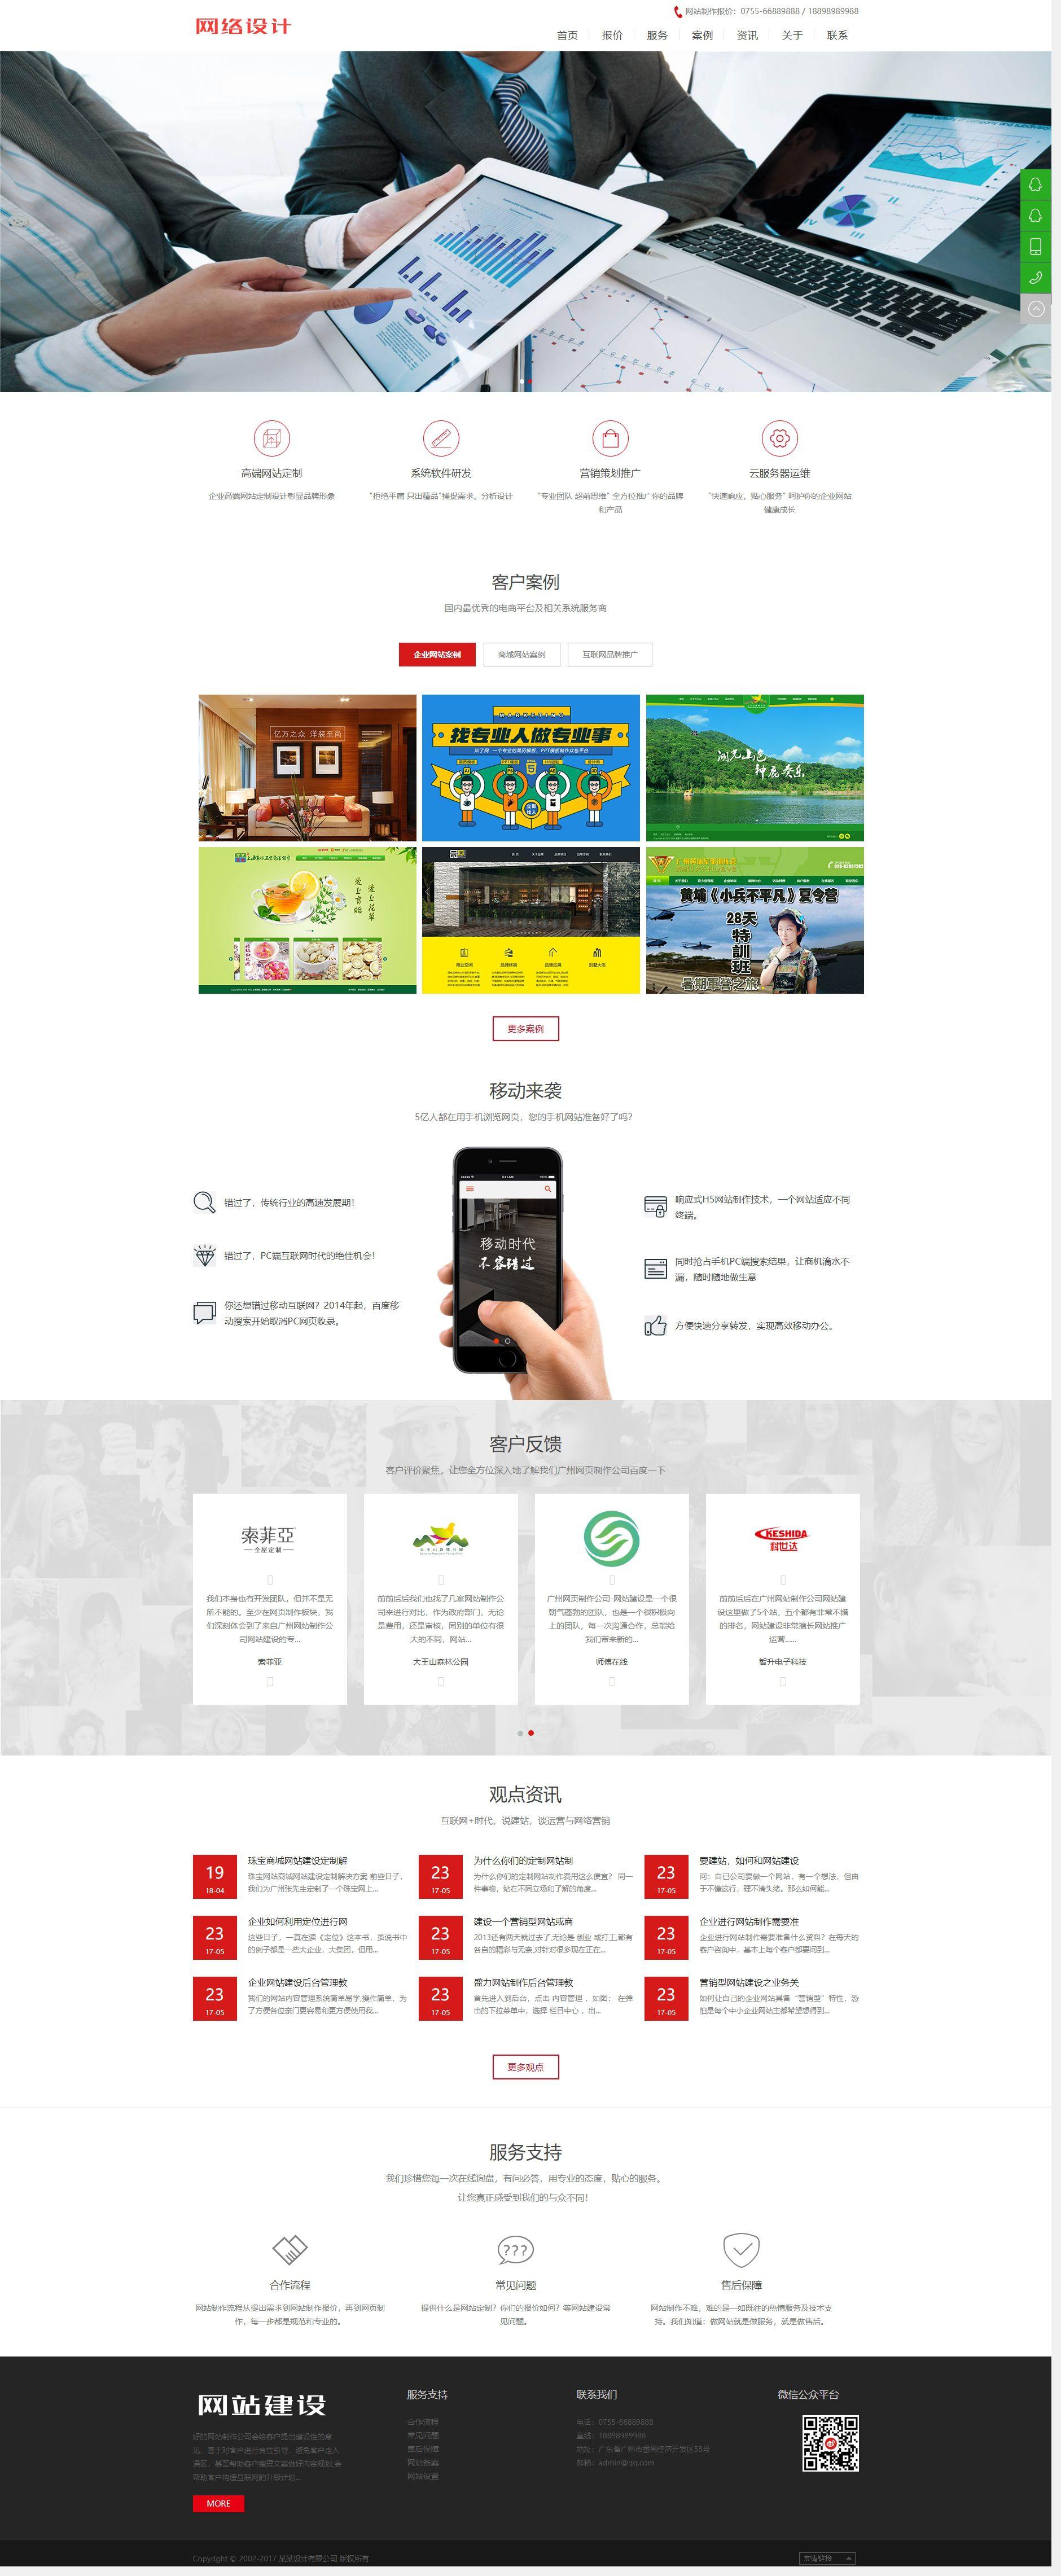 响应式网站网络设计公司织梦dedecms模板(自适应手机端)